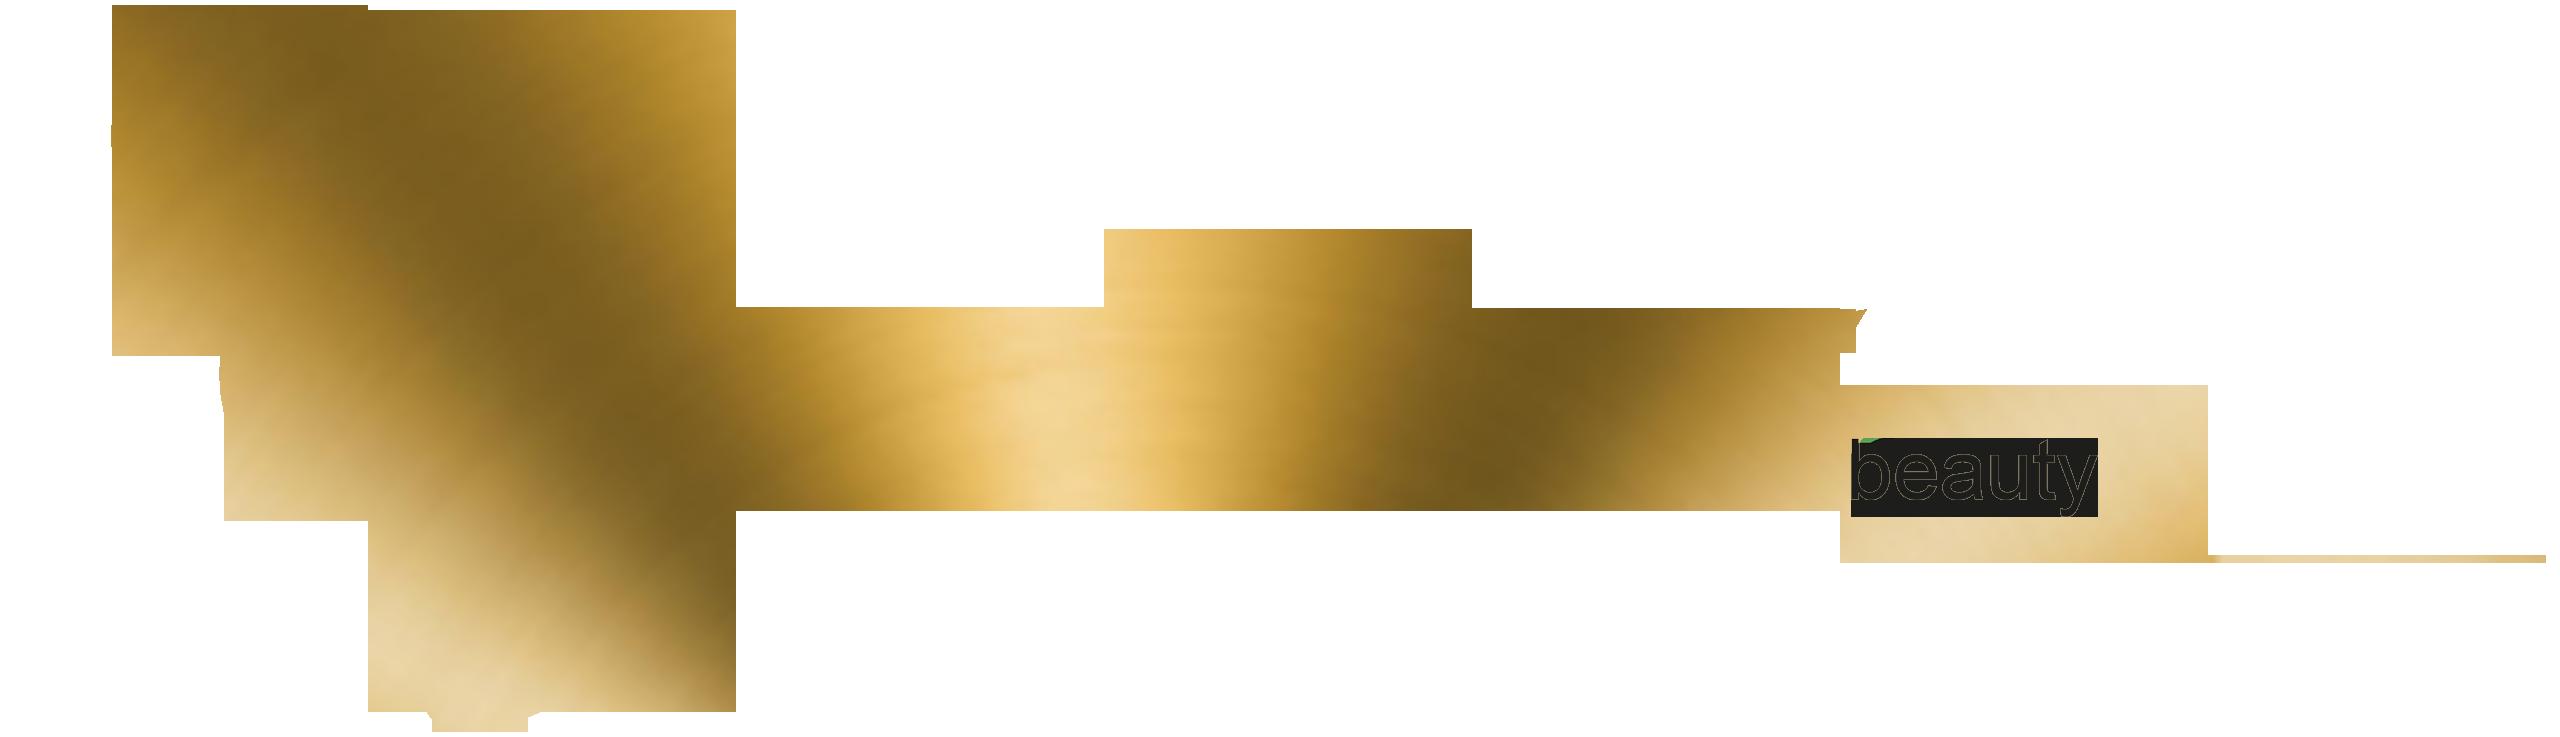 czarina_logo_dourado